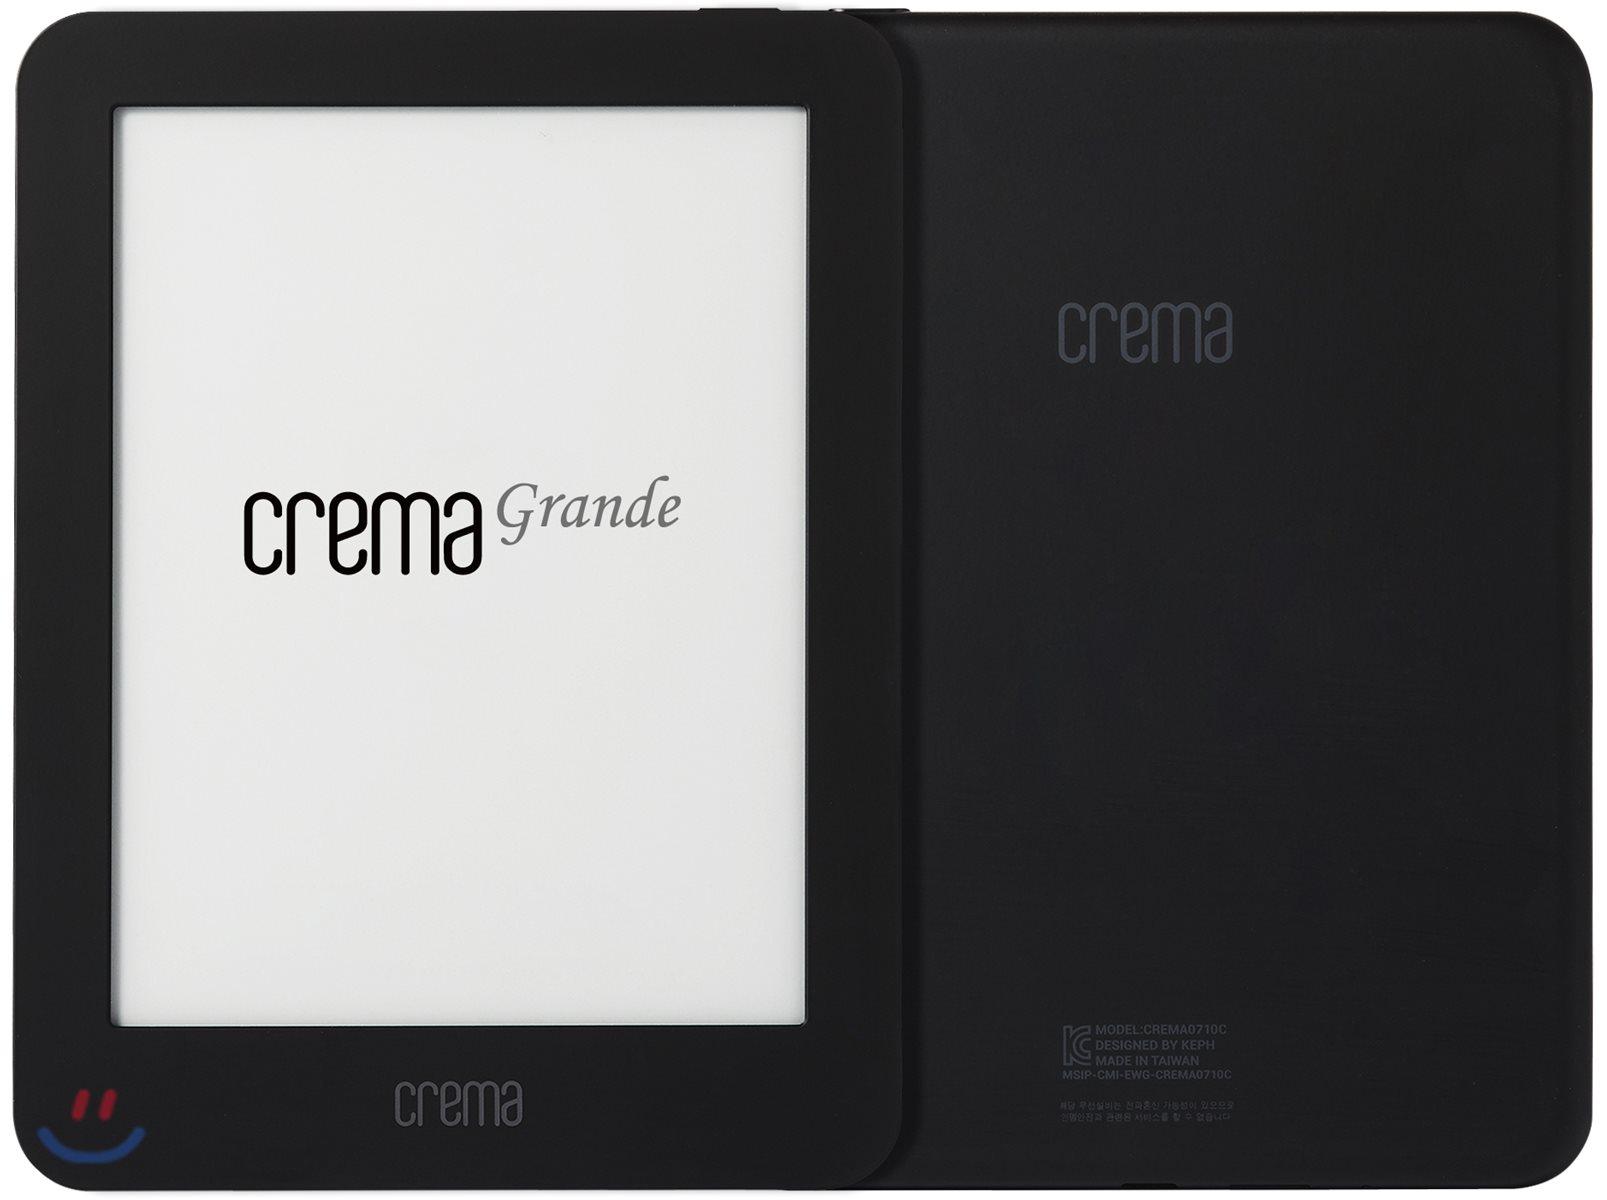 예스24 크레마 그랑데 (crema grande) : 블랙